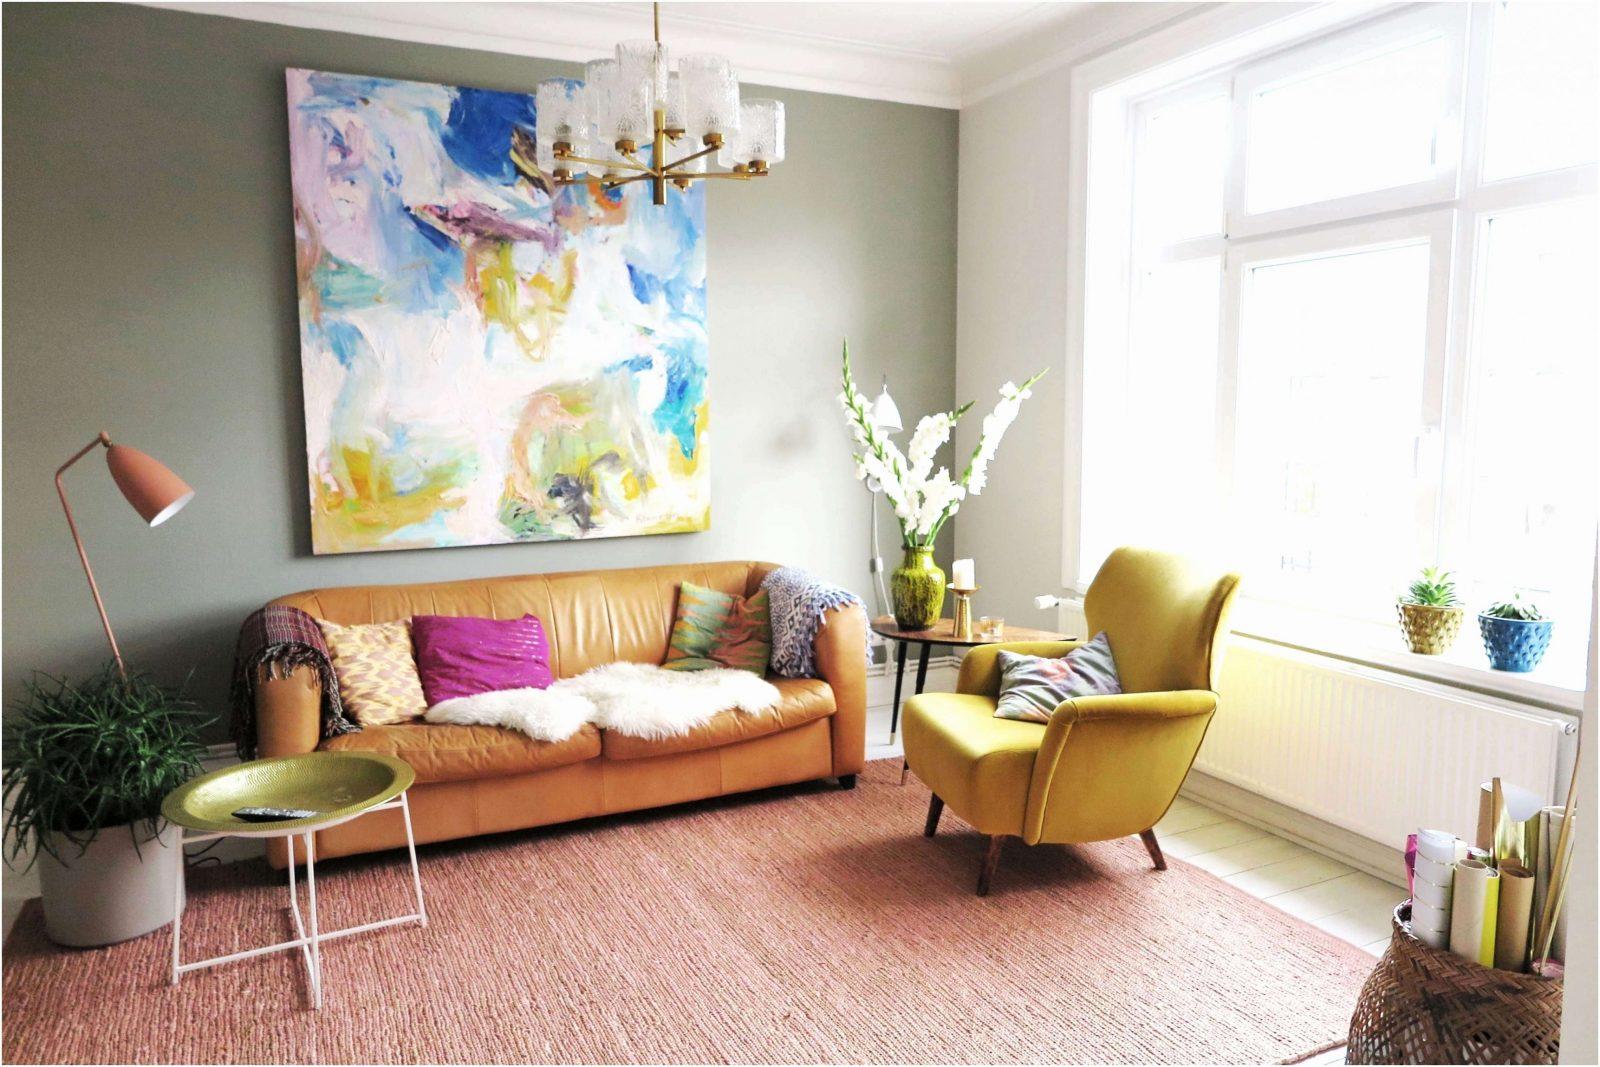 Wohnung Dekorieren Tipps 48 Image 1 Zimmer Wohnung Einrichten Ideen von 1 Zimmer Wohnung Dekorieren Photo